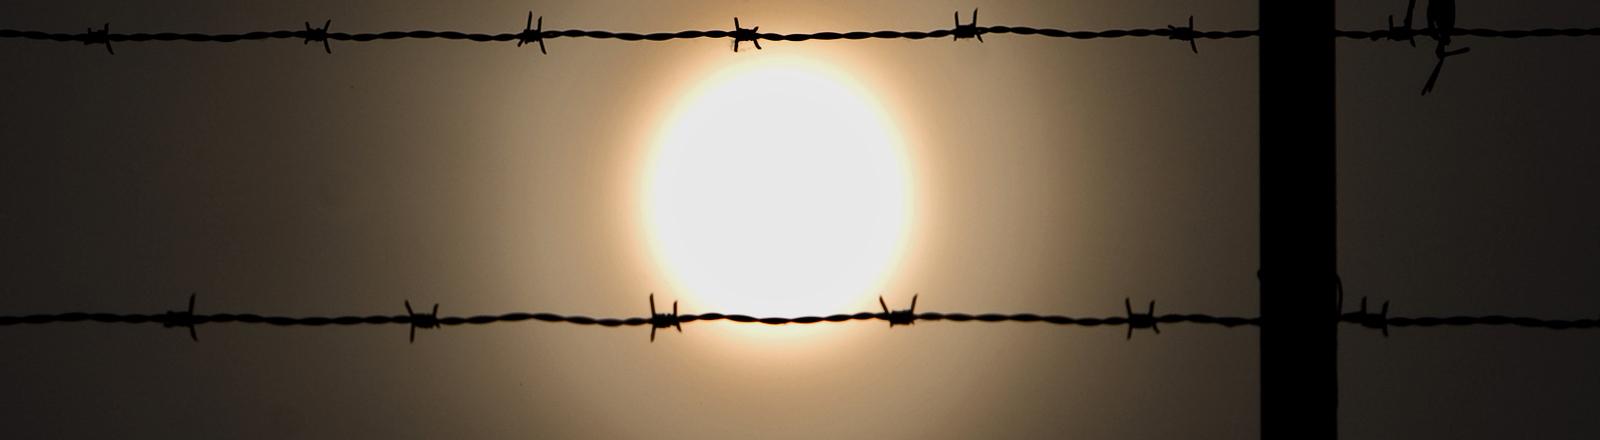 Ein Stacheldrahtzaun vor der Sonne